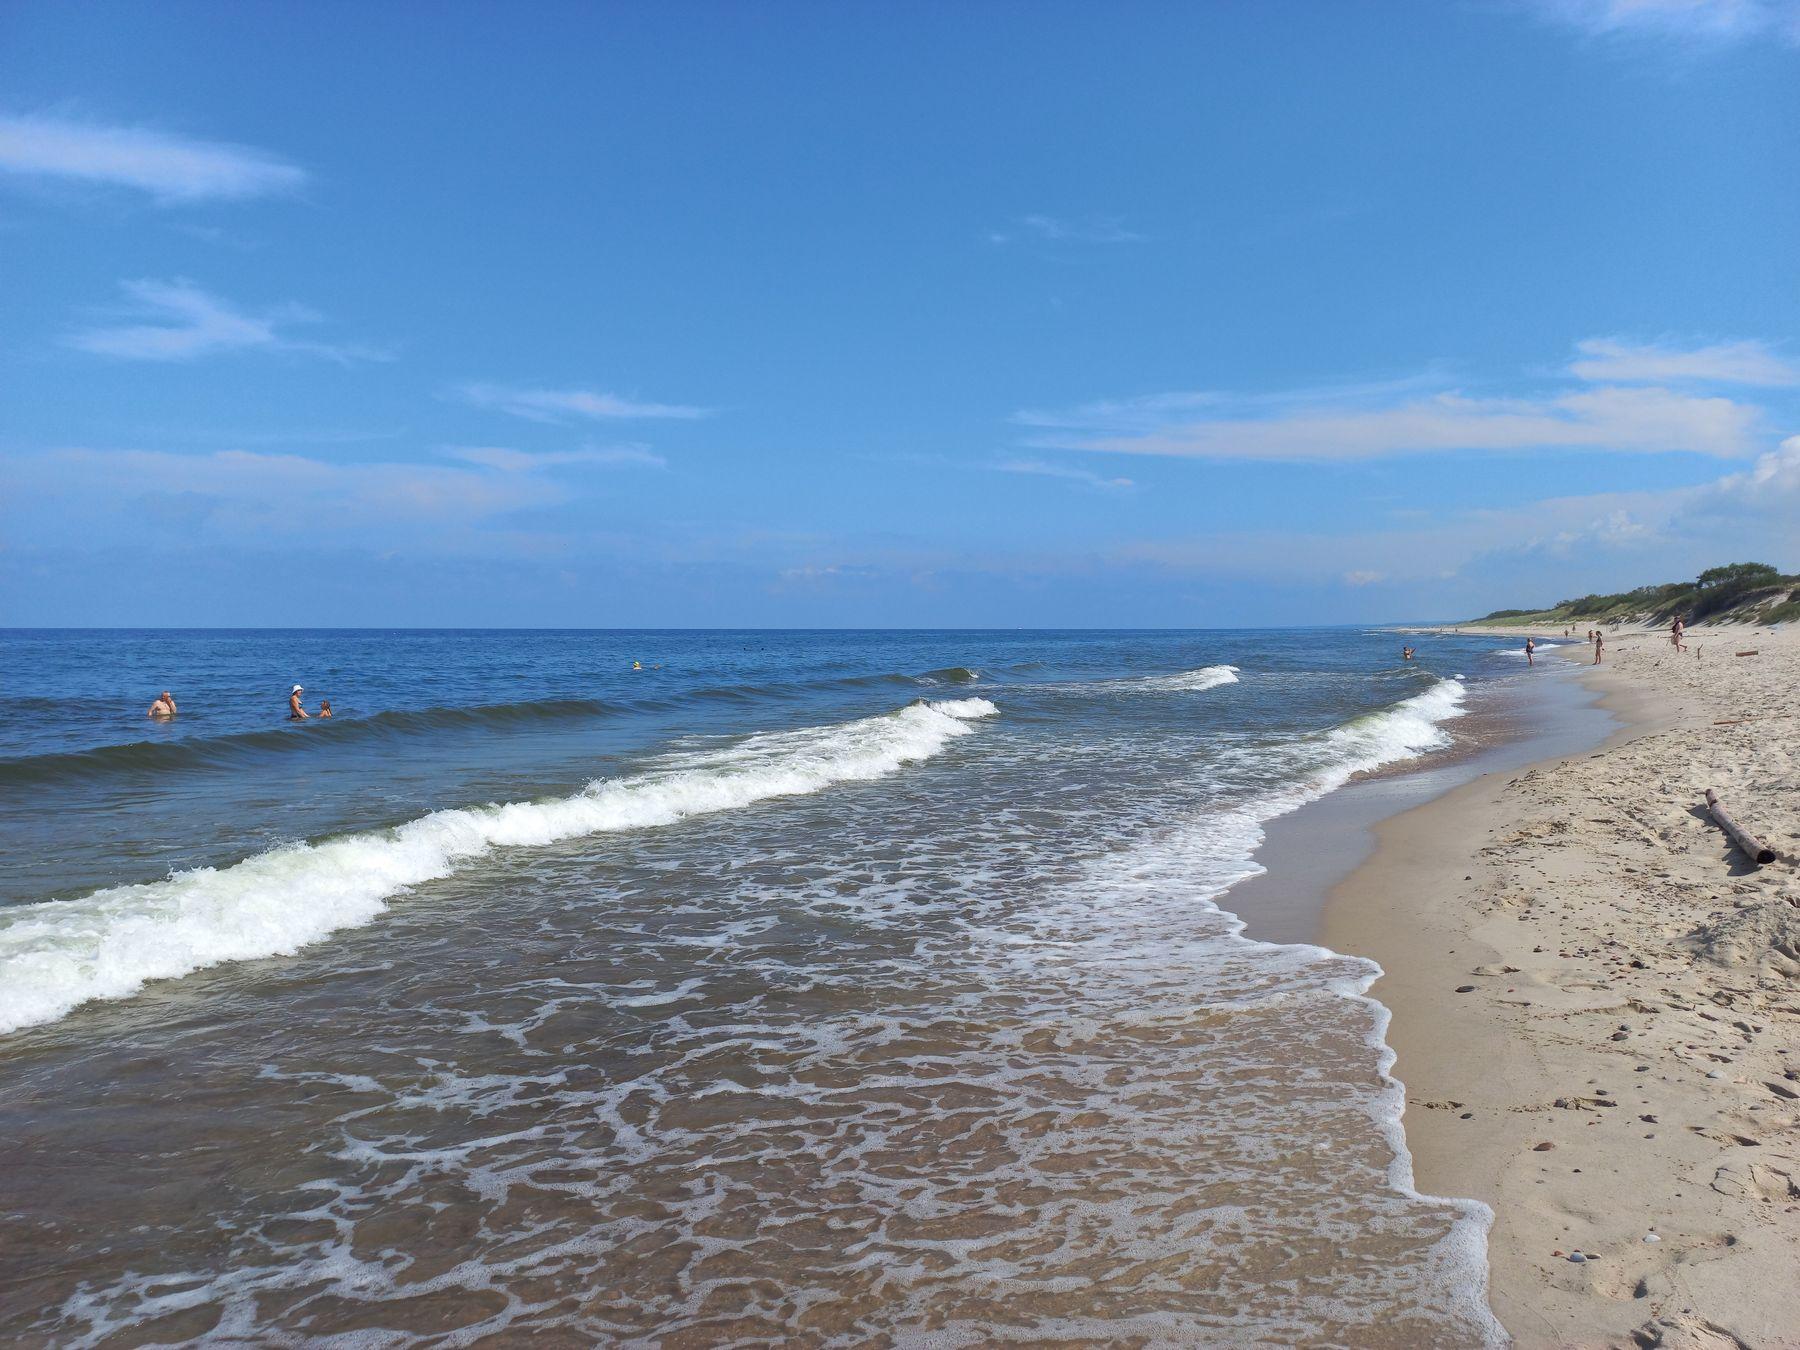 Пляж на Куршской Косе (Калининградская область) Балтика Море Калининград